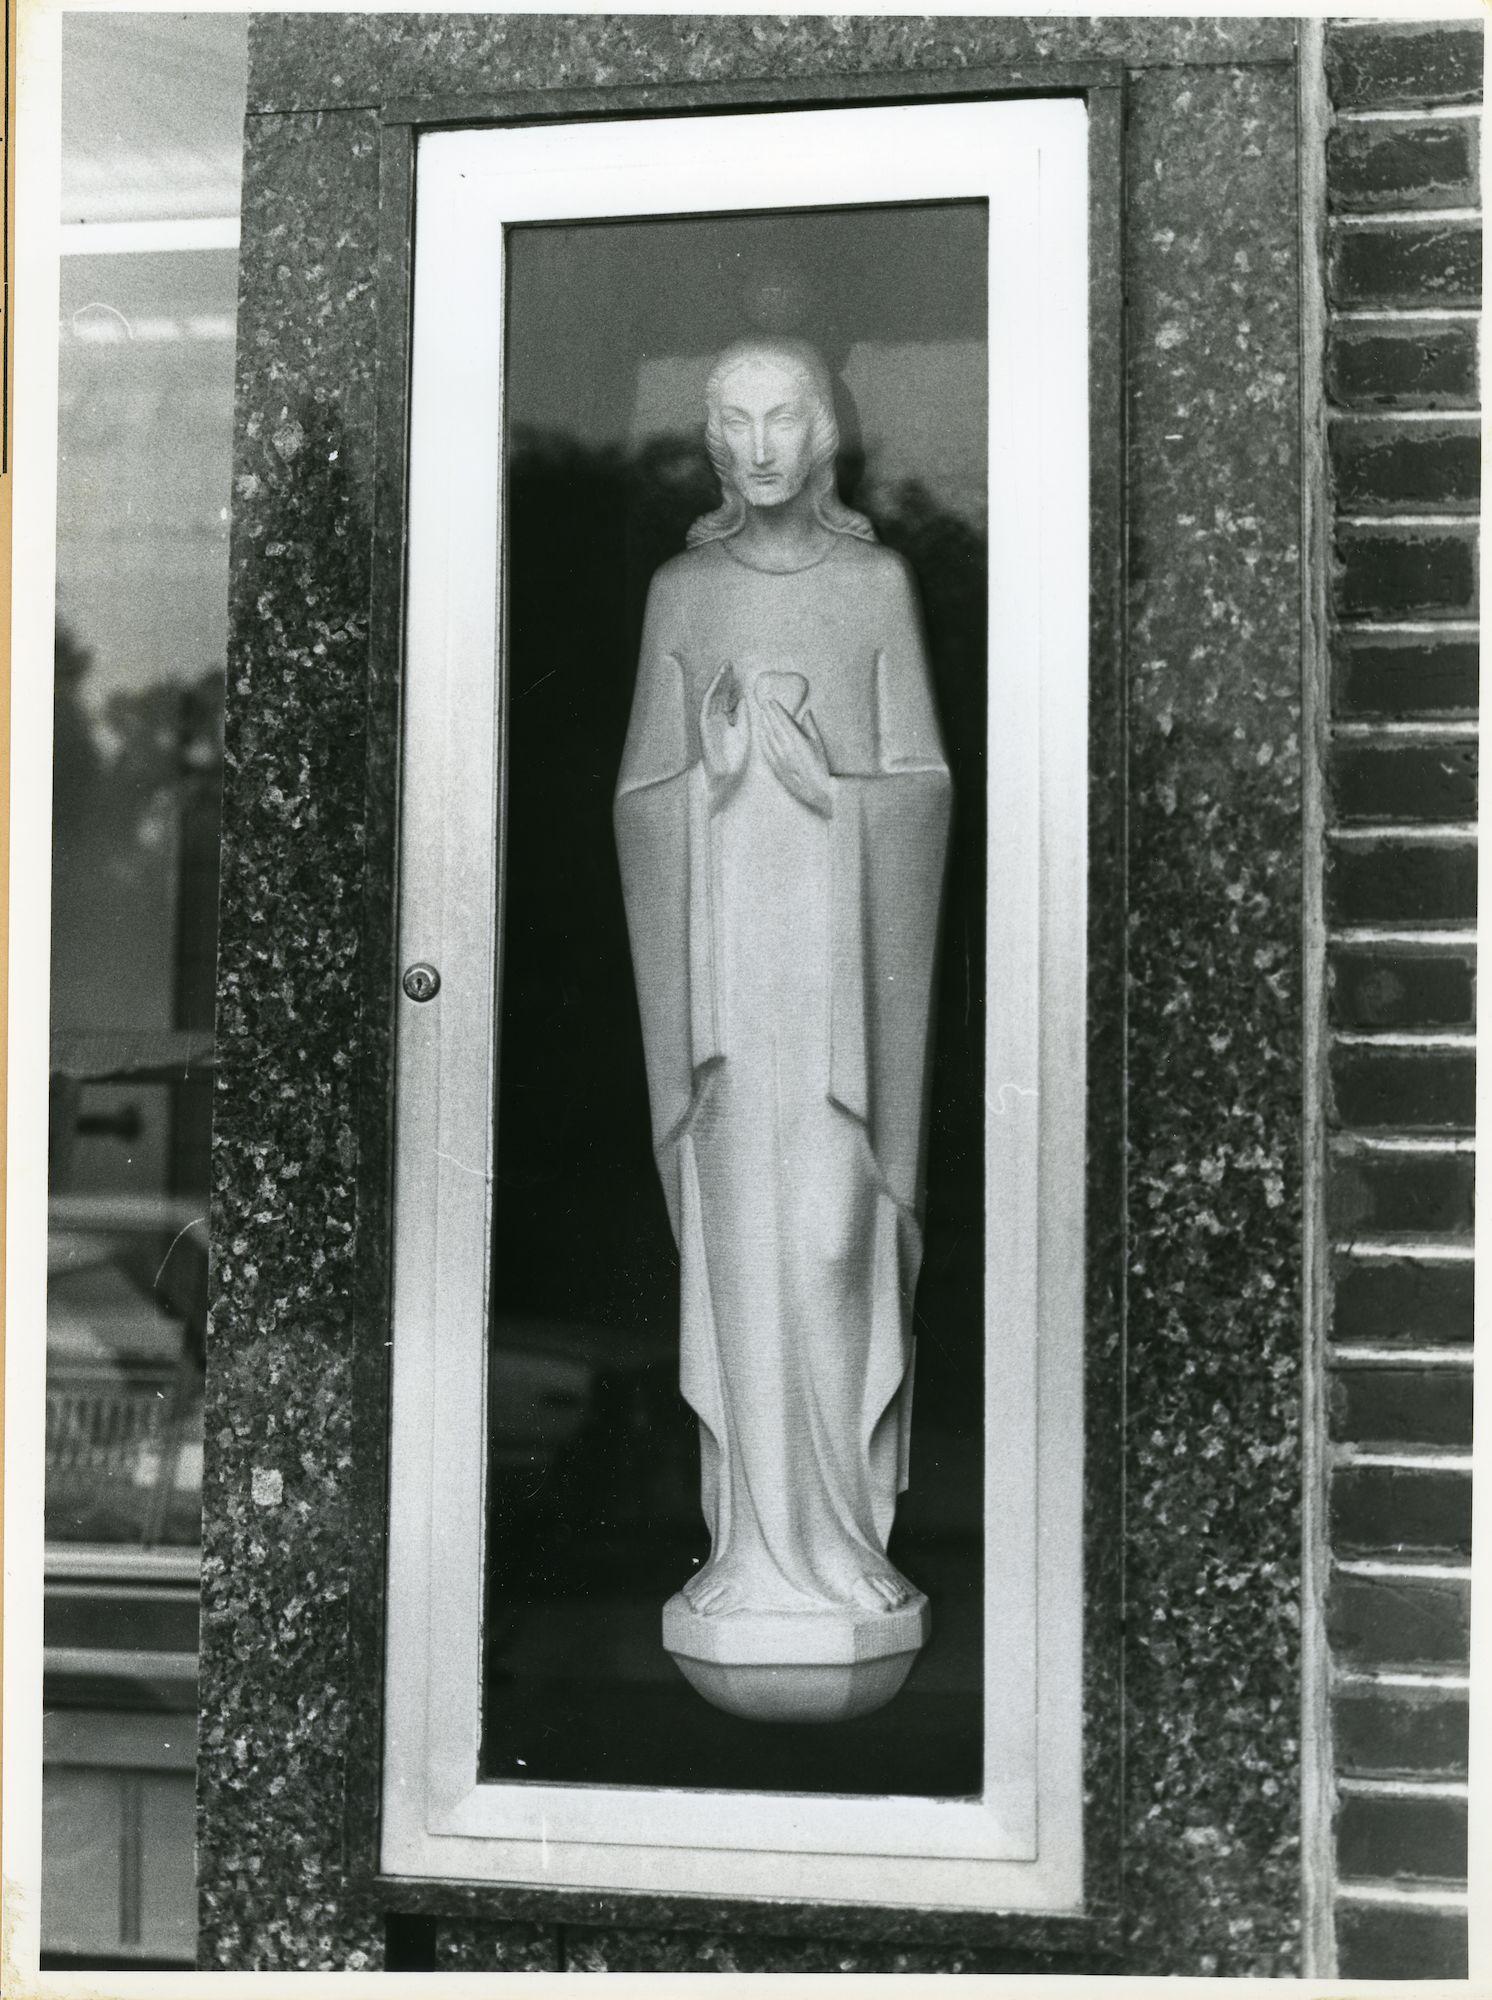 Zwijnaarde: Remi Vlerickstraat 21: Niskapel, 1979